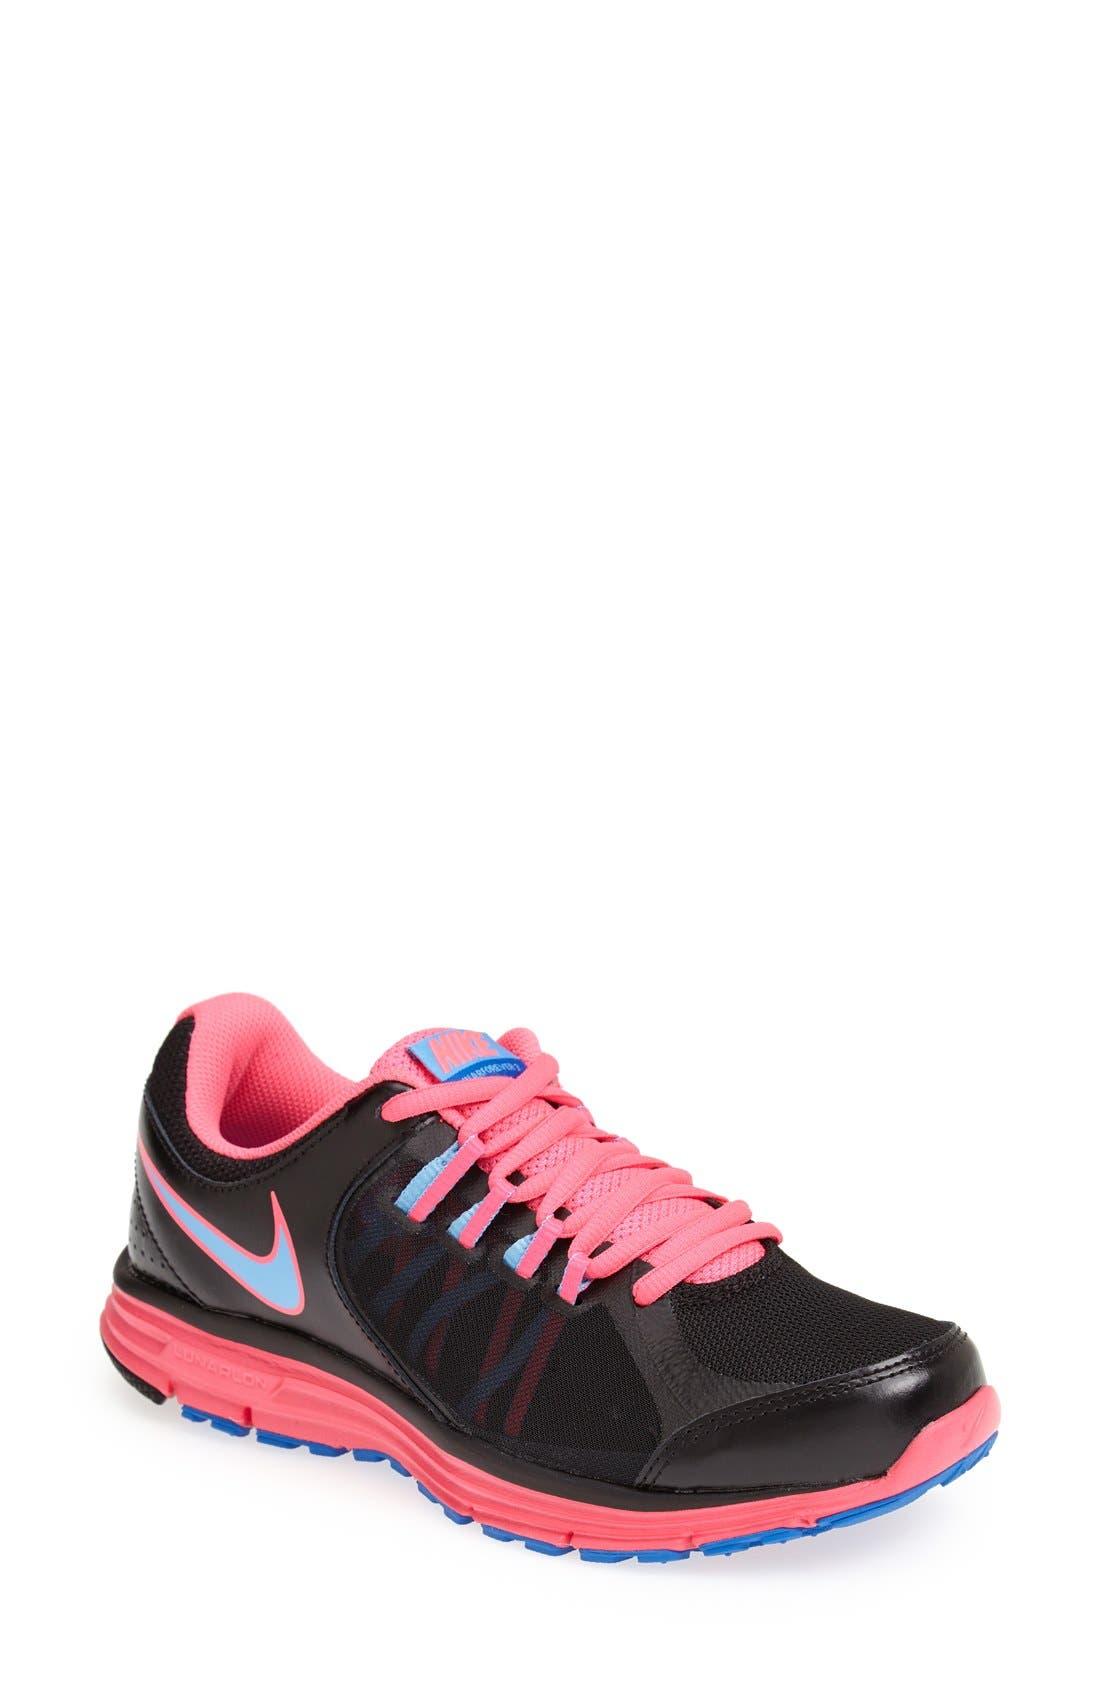 Alternate Image 1 Selected - Nike 'Lunar Forever 3' Running Shoe (Women)